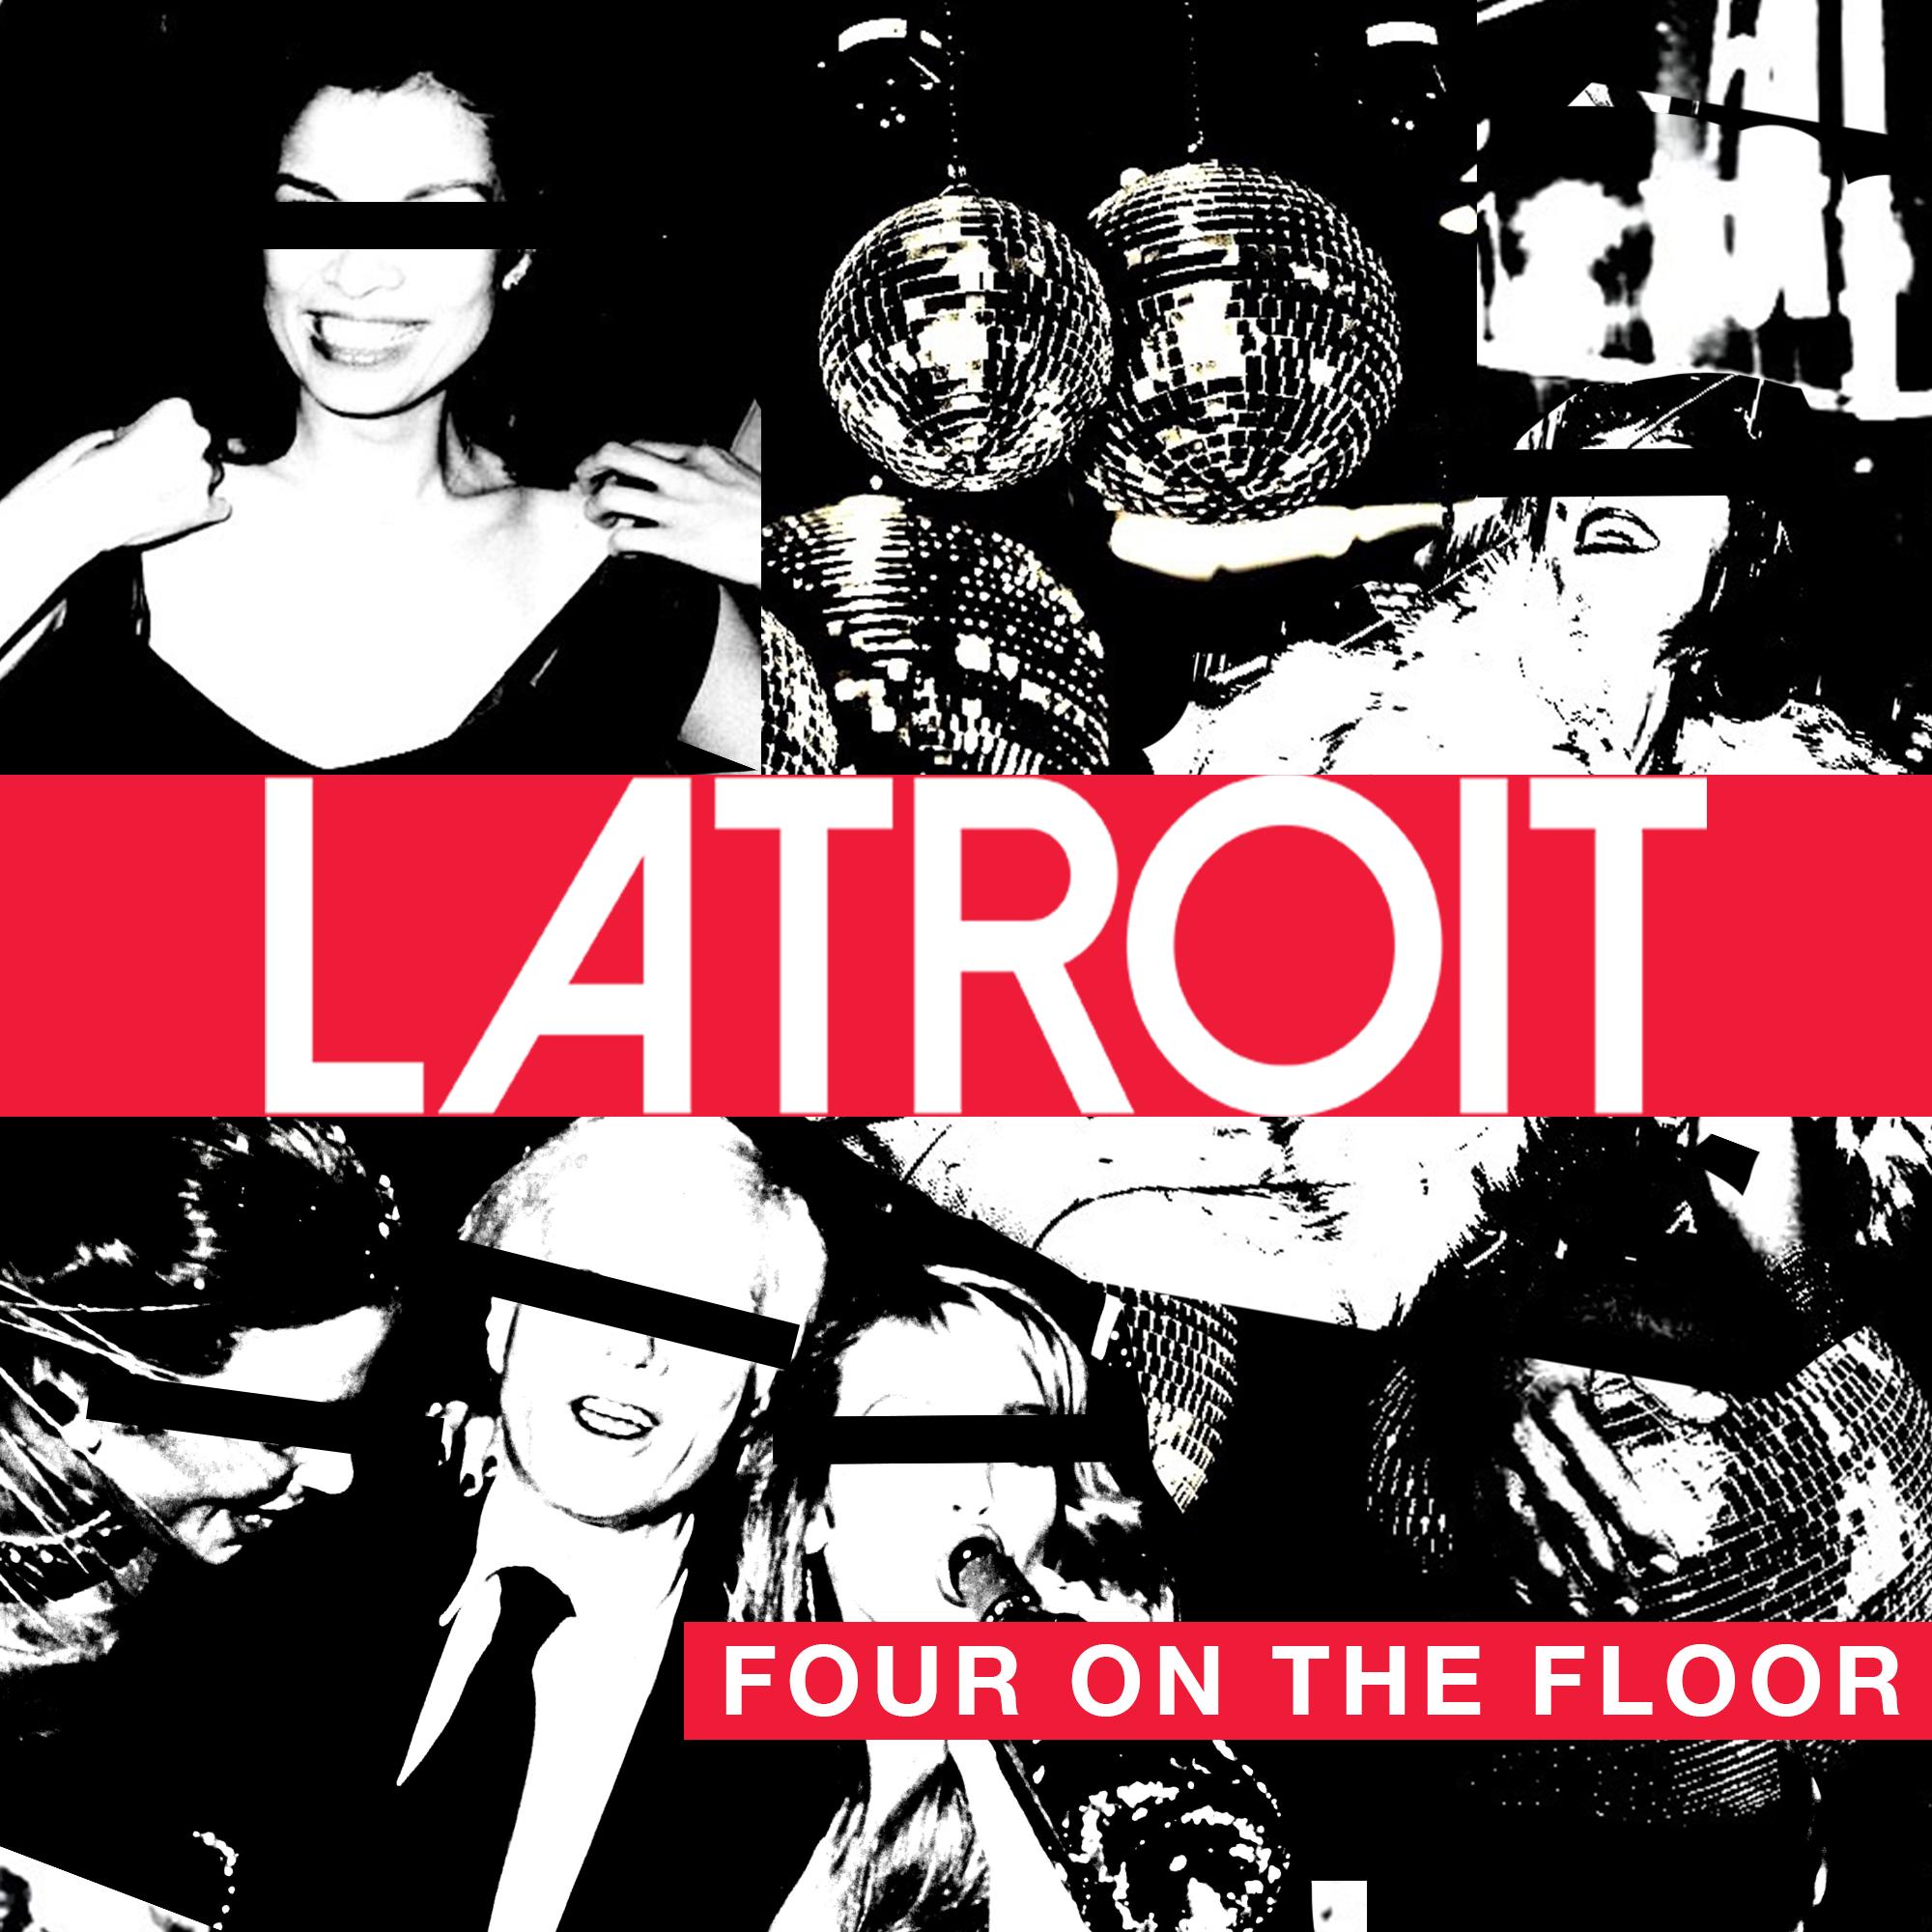 Four On The Floor - Latroit